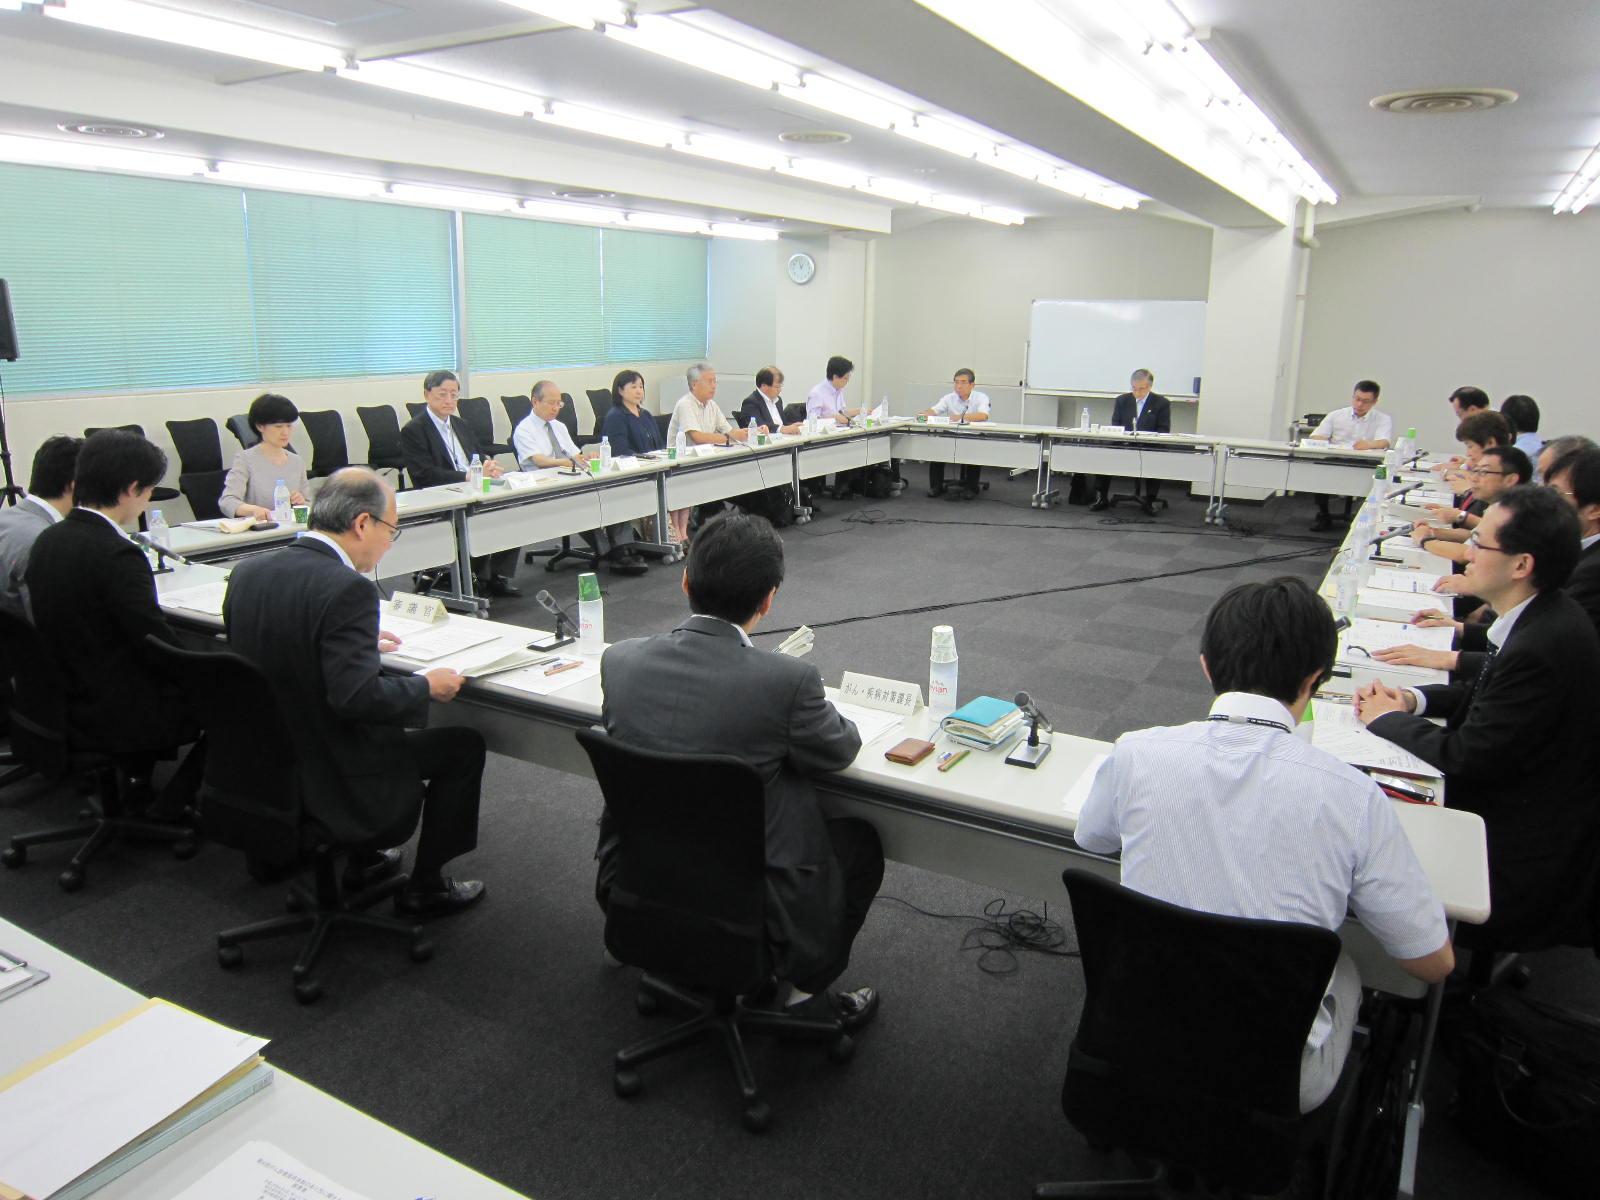 8月4日に開催された、「第8回 がん診療提供体制のあり方に関する検討会」